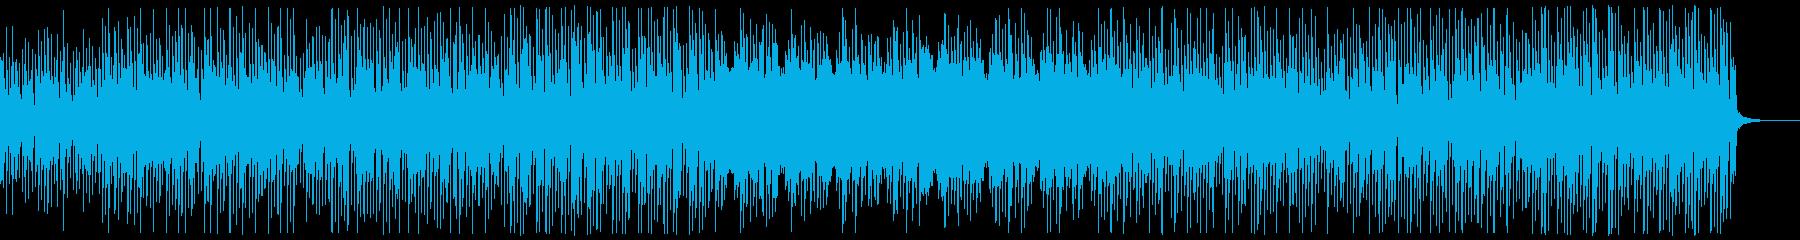 コミカルで可愛いテクノポップの再生済みの波形